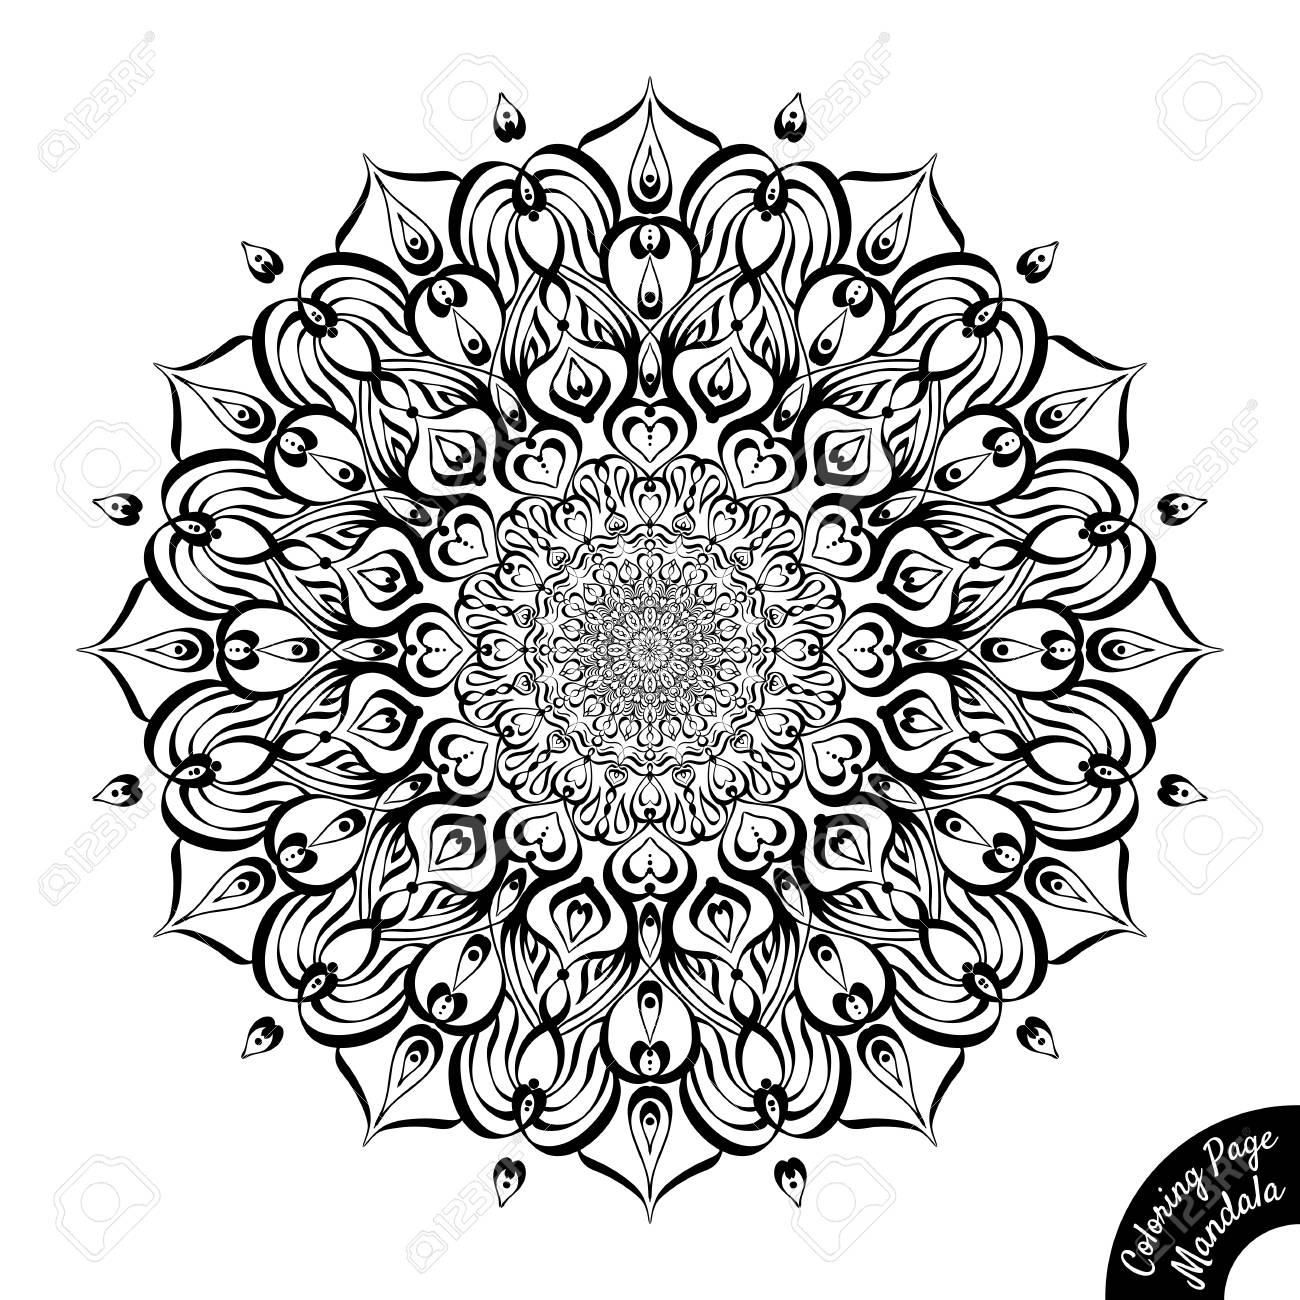 Mandala Blanco Y Negro Aislada En El Fondo Blanco Página De Libro Para Colorear Para Niños Mayores Y Coloristas Adultos Patrón De Terapia